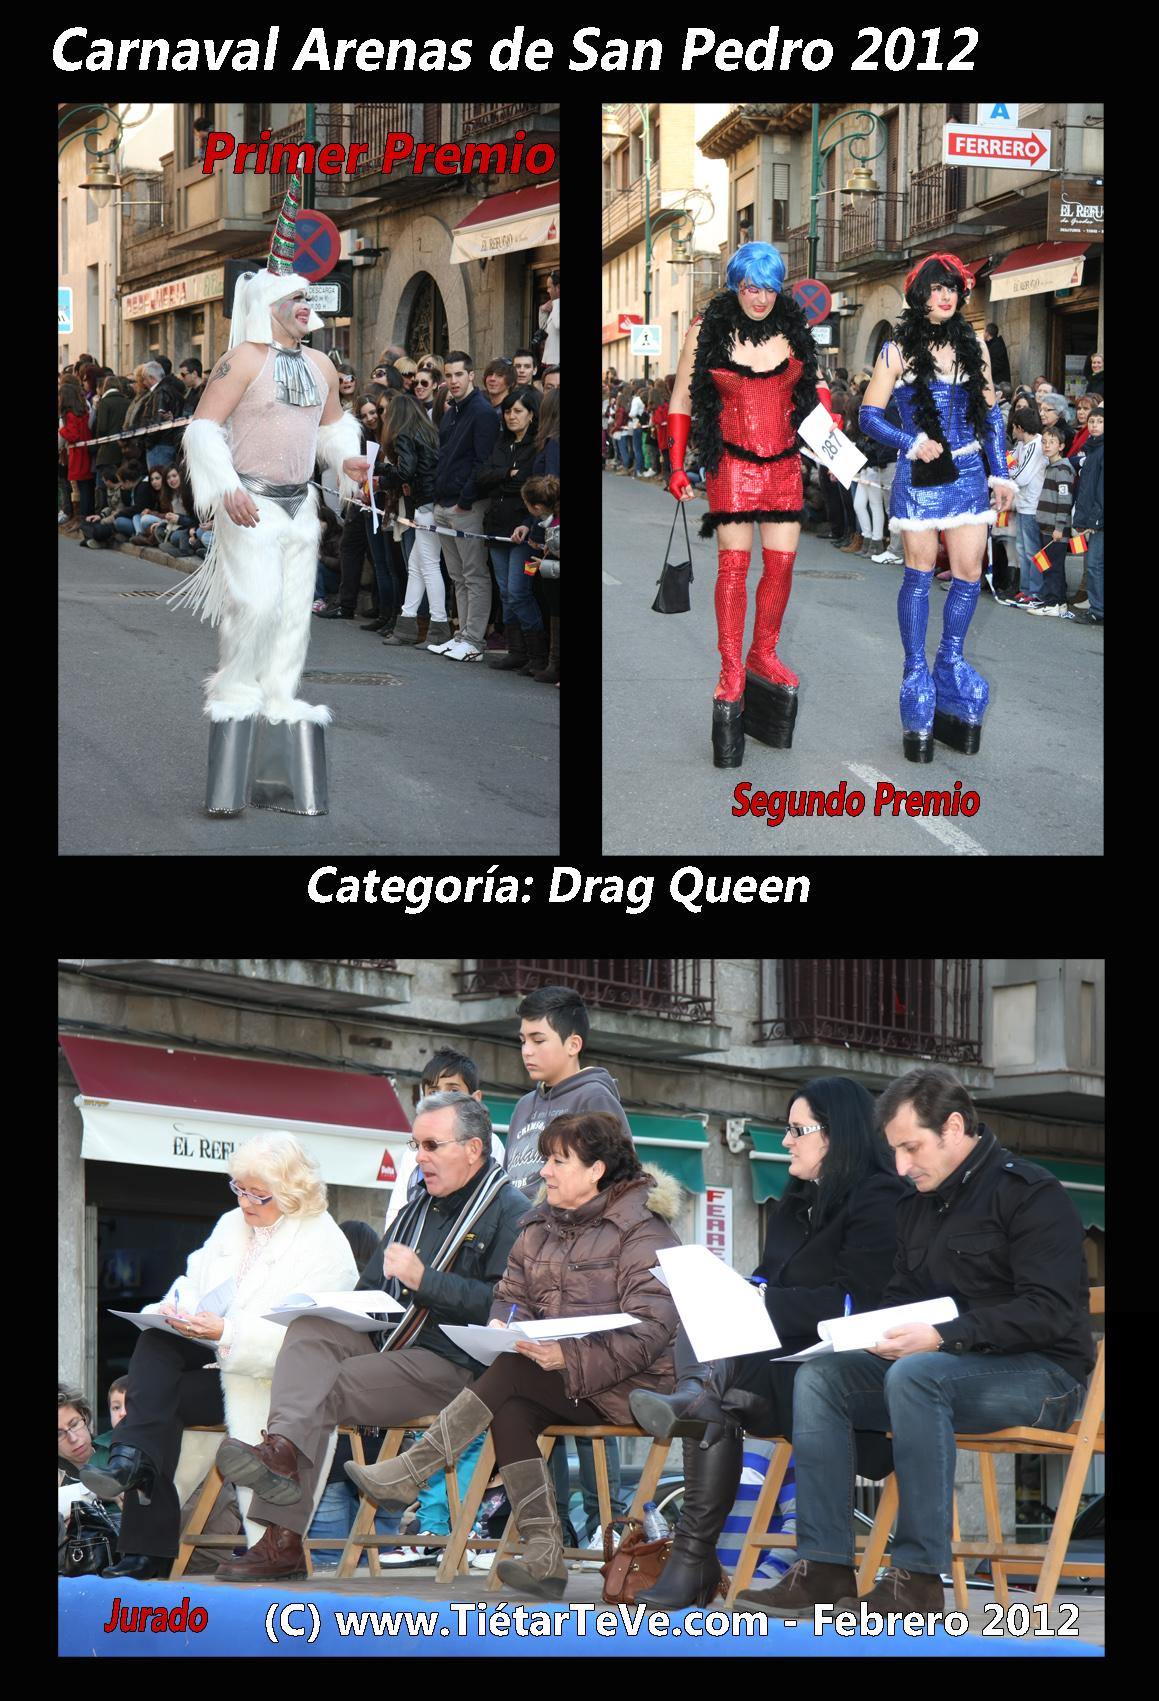 Carnaval Arenas 2012 - Drag Queen y Jurado